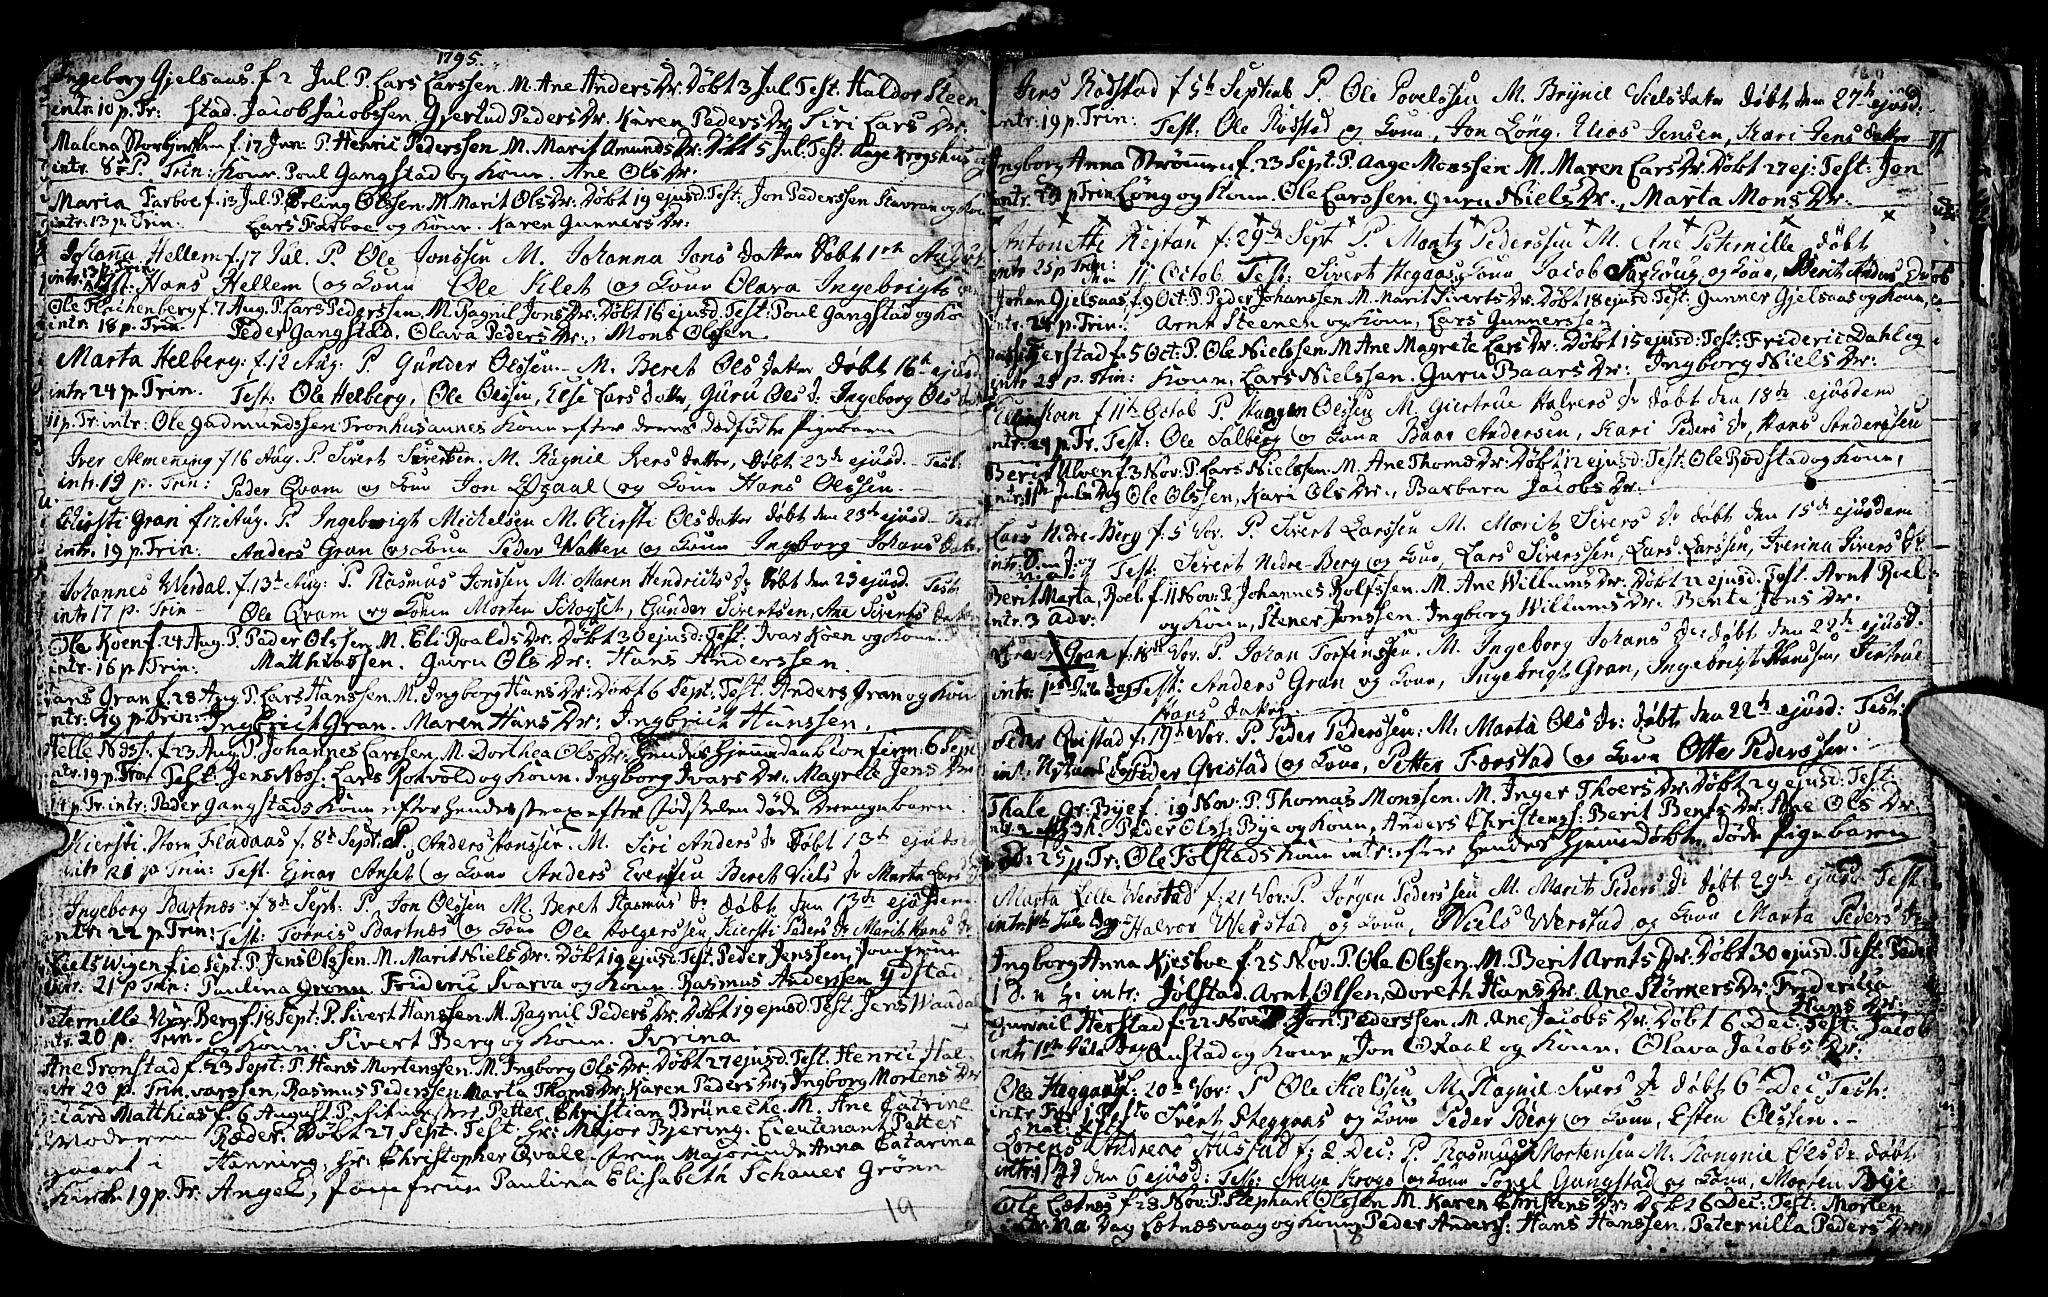 SAT, Ministerialprotokoller, klokkerbøker og fødselsregistre - Nord-Trøndelag, 730/L0273: Ministerialbok nr. 730A02, 1762-1802, s. 160